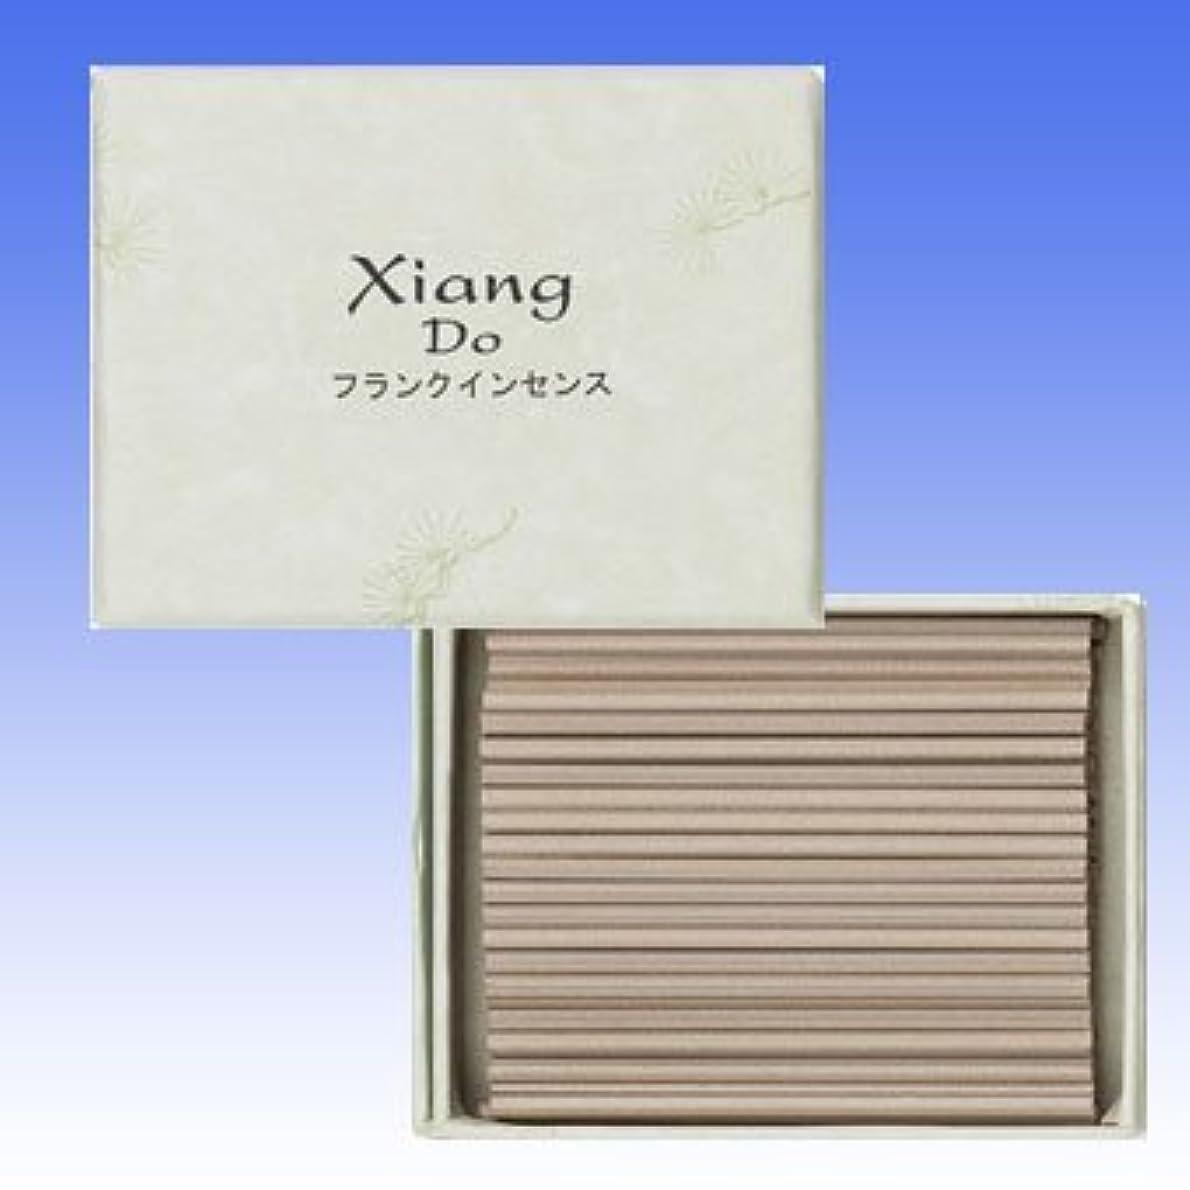 壊すスイ豊かな松栄堂 Xiang Do(シァン ドゥ) 徳用120本入 (フランクインセンス)